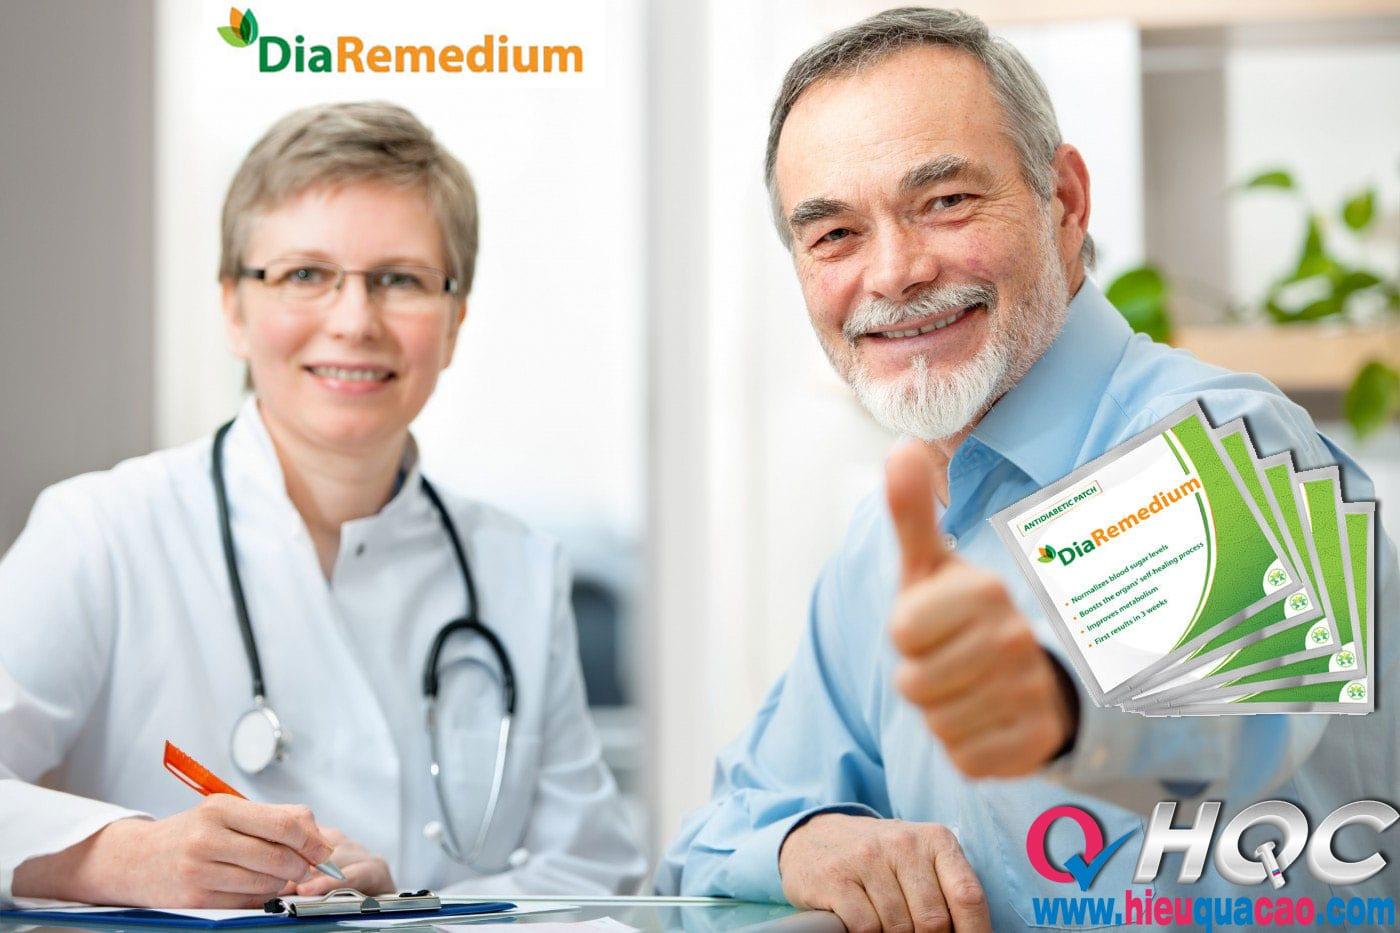 Cao dán DiaRemedium điều trị bệnh tiểu đường hiệu quả